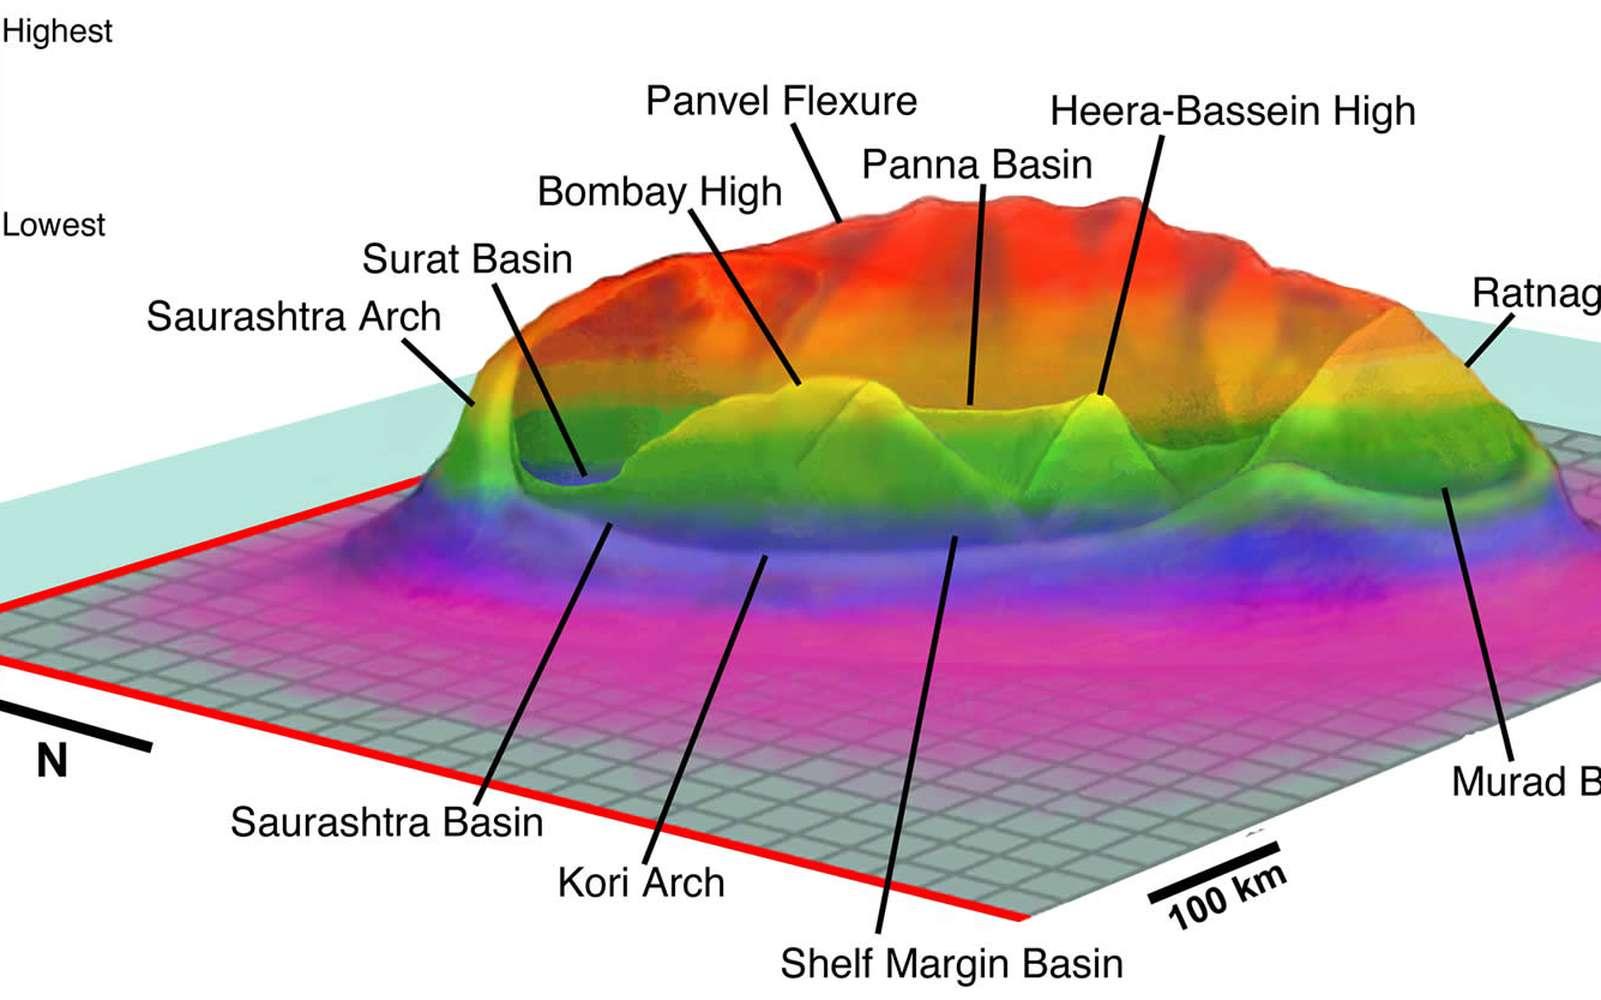 La structure du présumé cratère Shiva selon Sankar Chatterjee. Crédit : Sankar Chatterjee